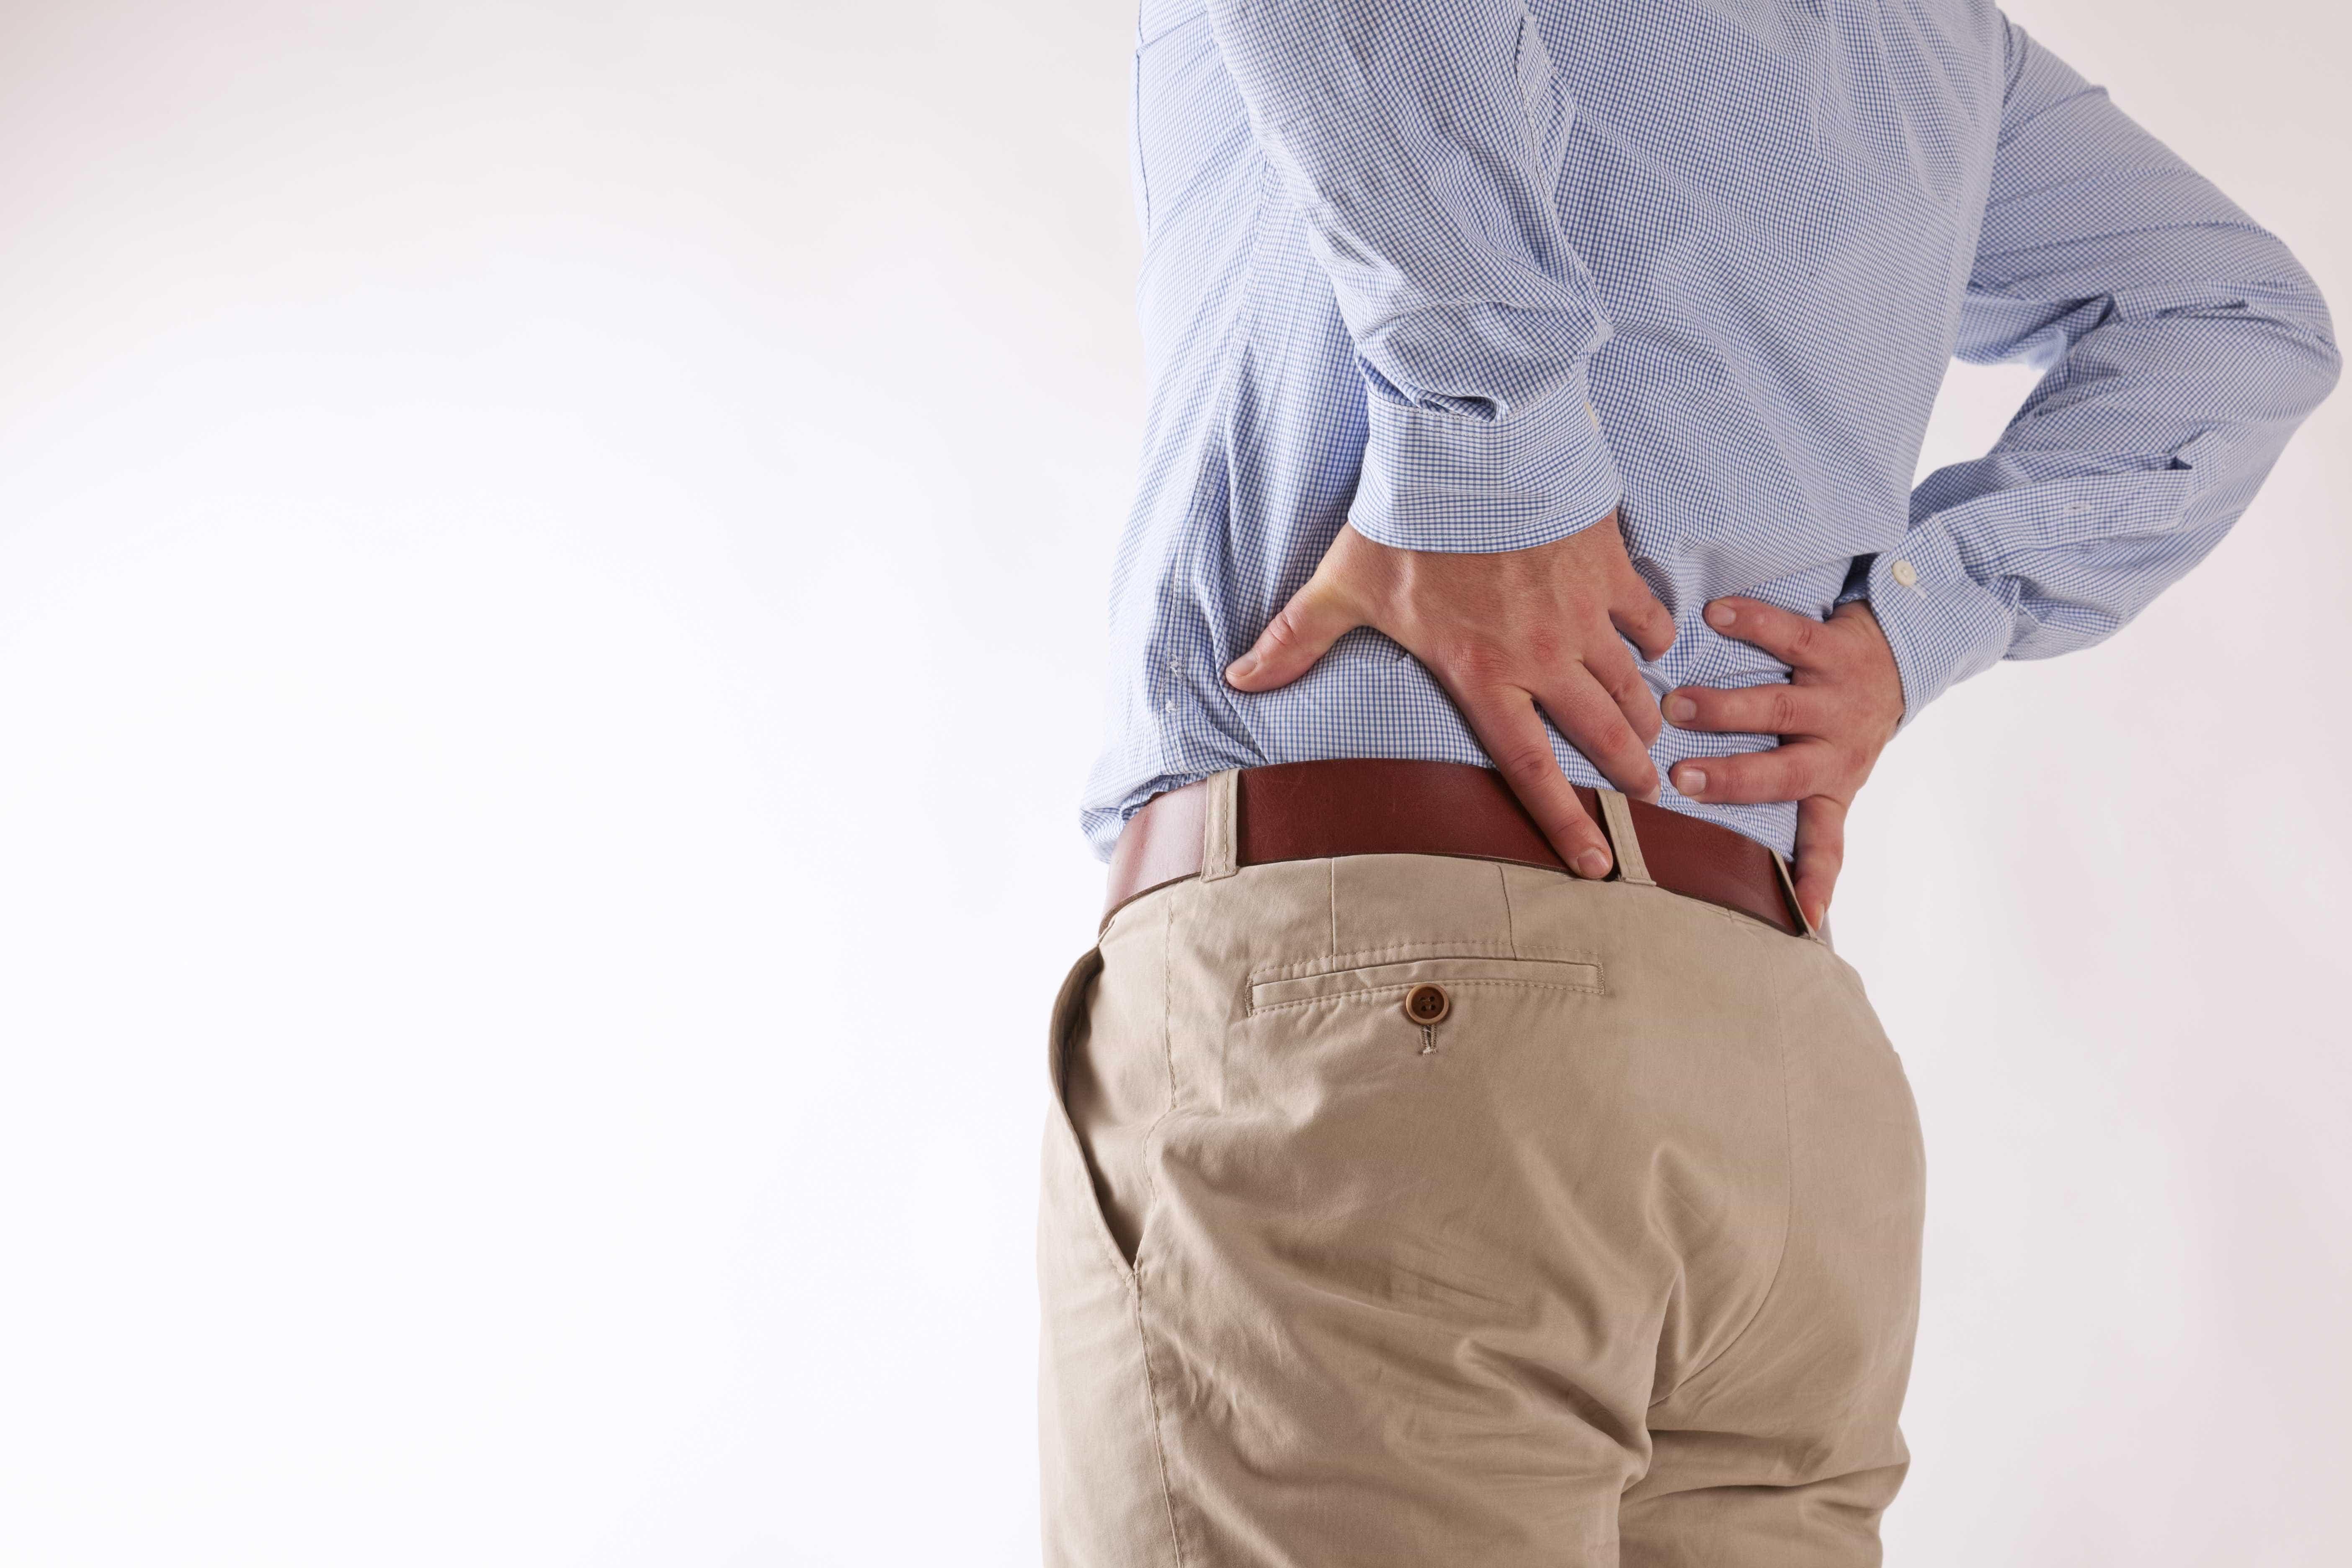 Dor nas costas é 5ª maior causa de afastamento do trabalho, diz estudo